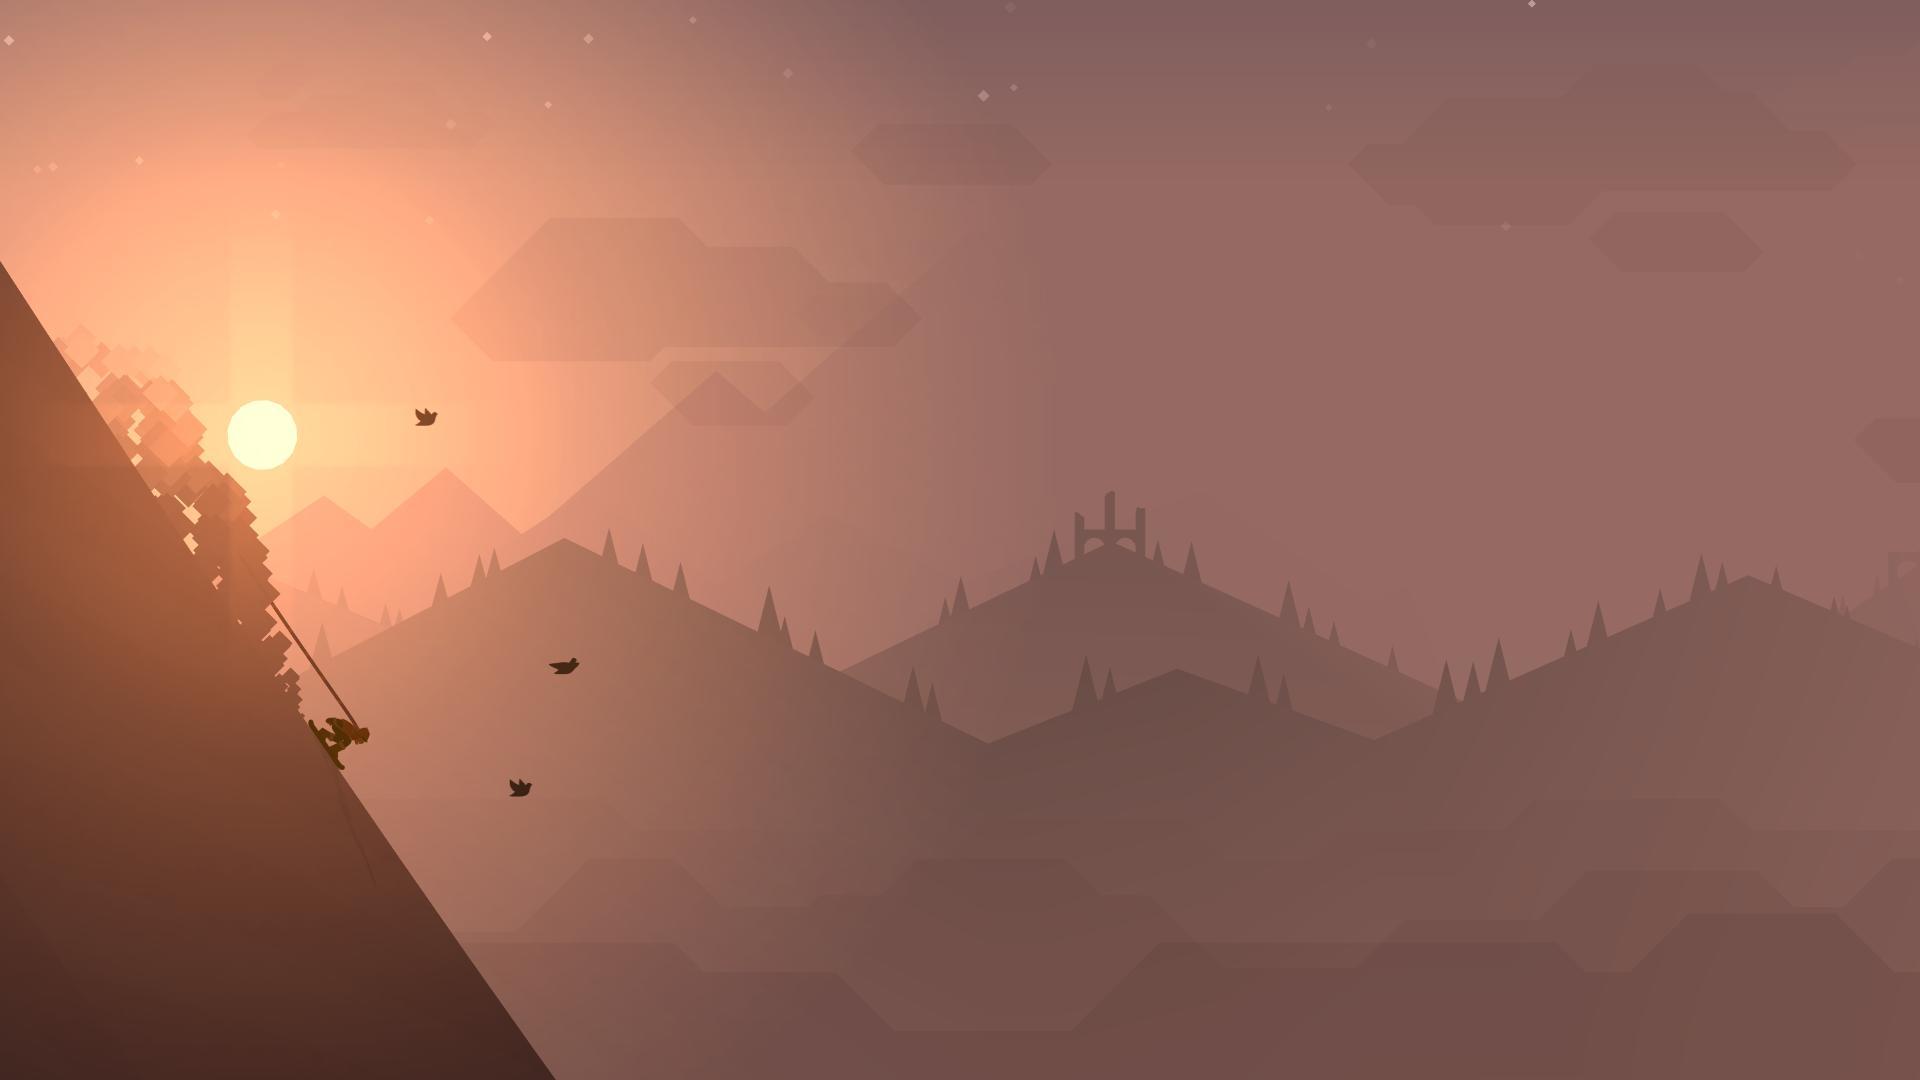 阿尔托的冒险(付费版) 游戏截图3